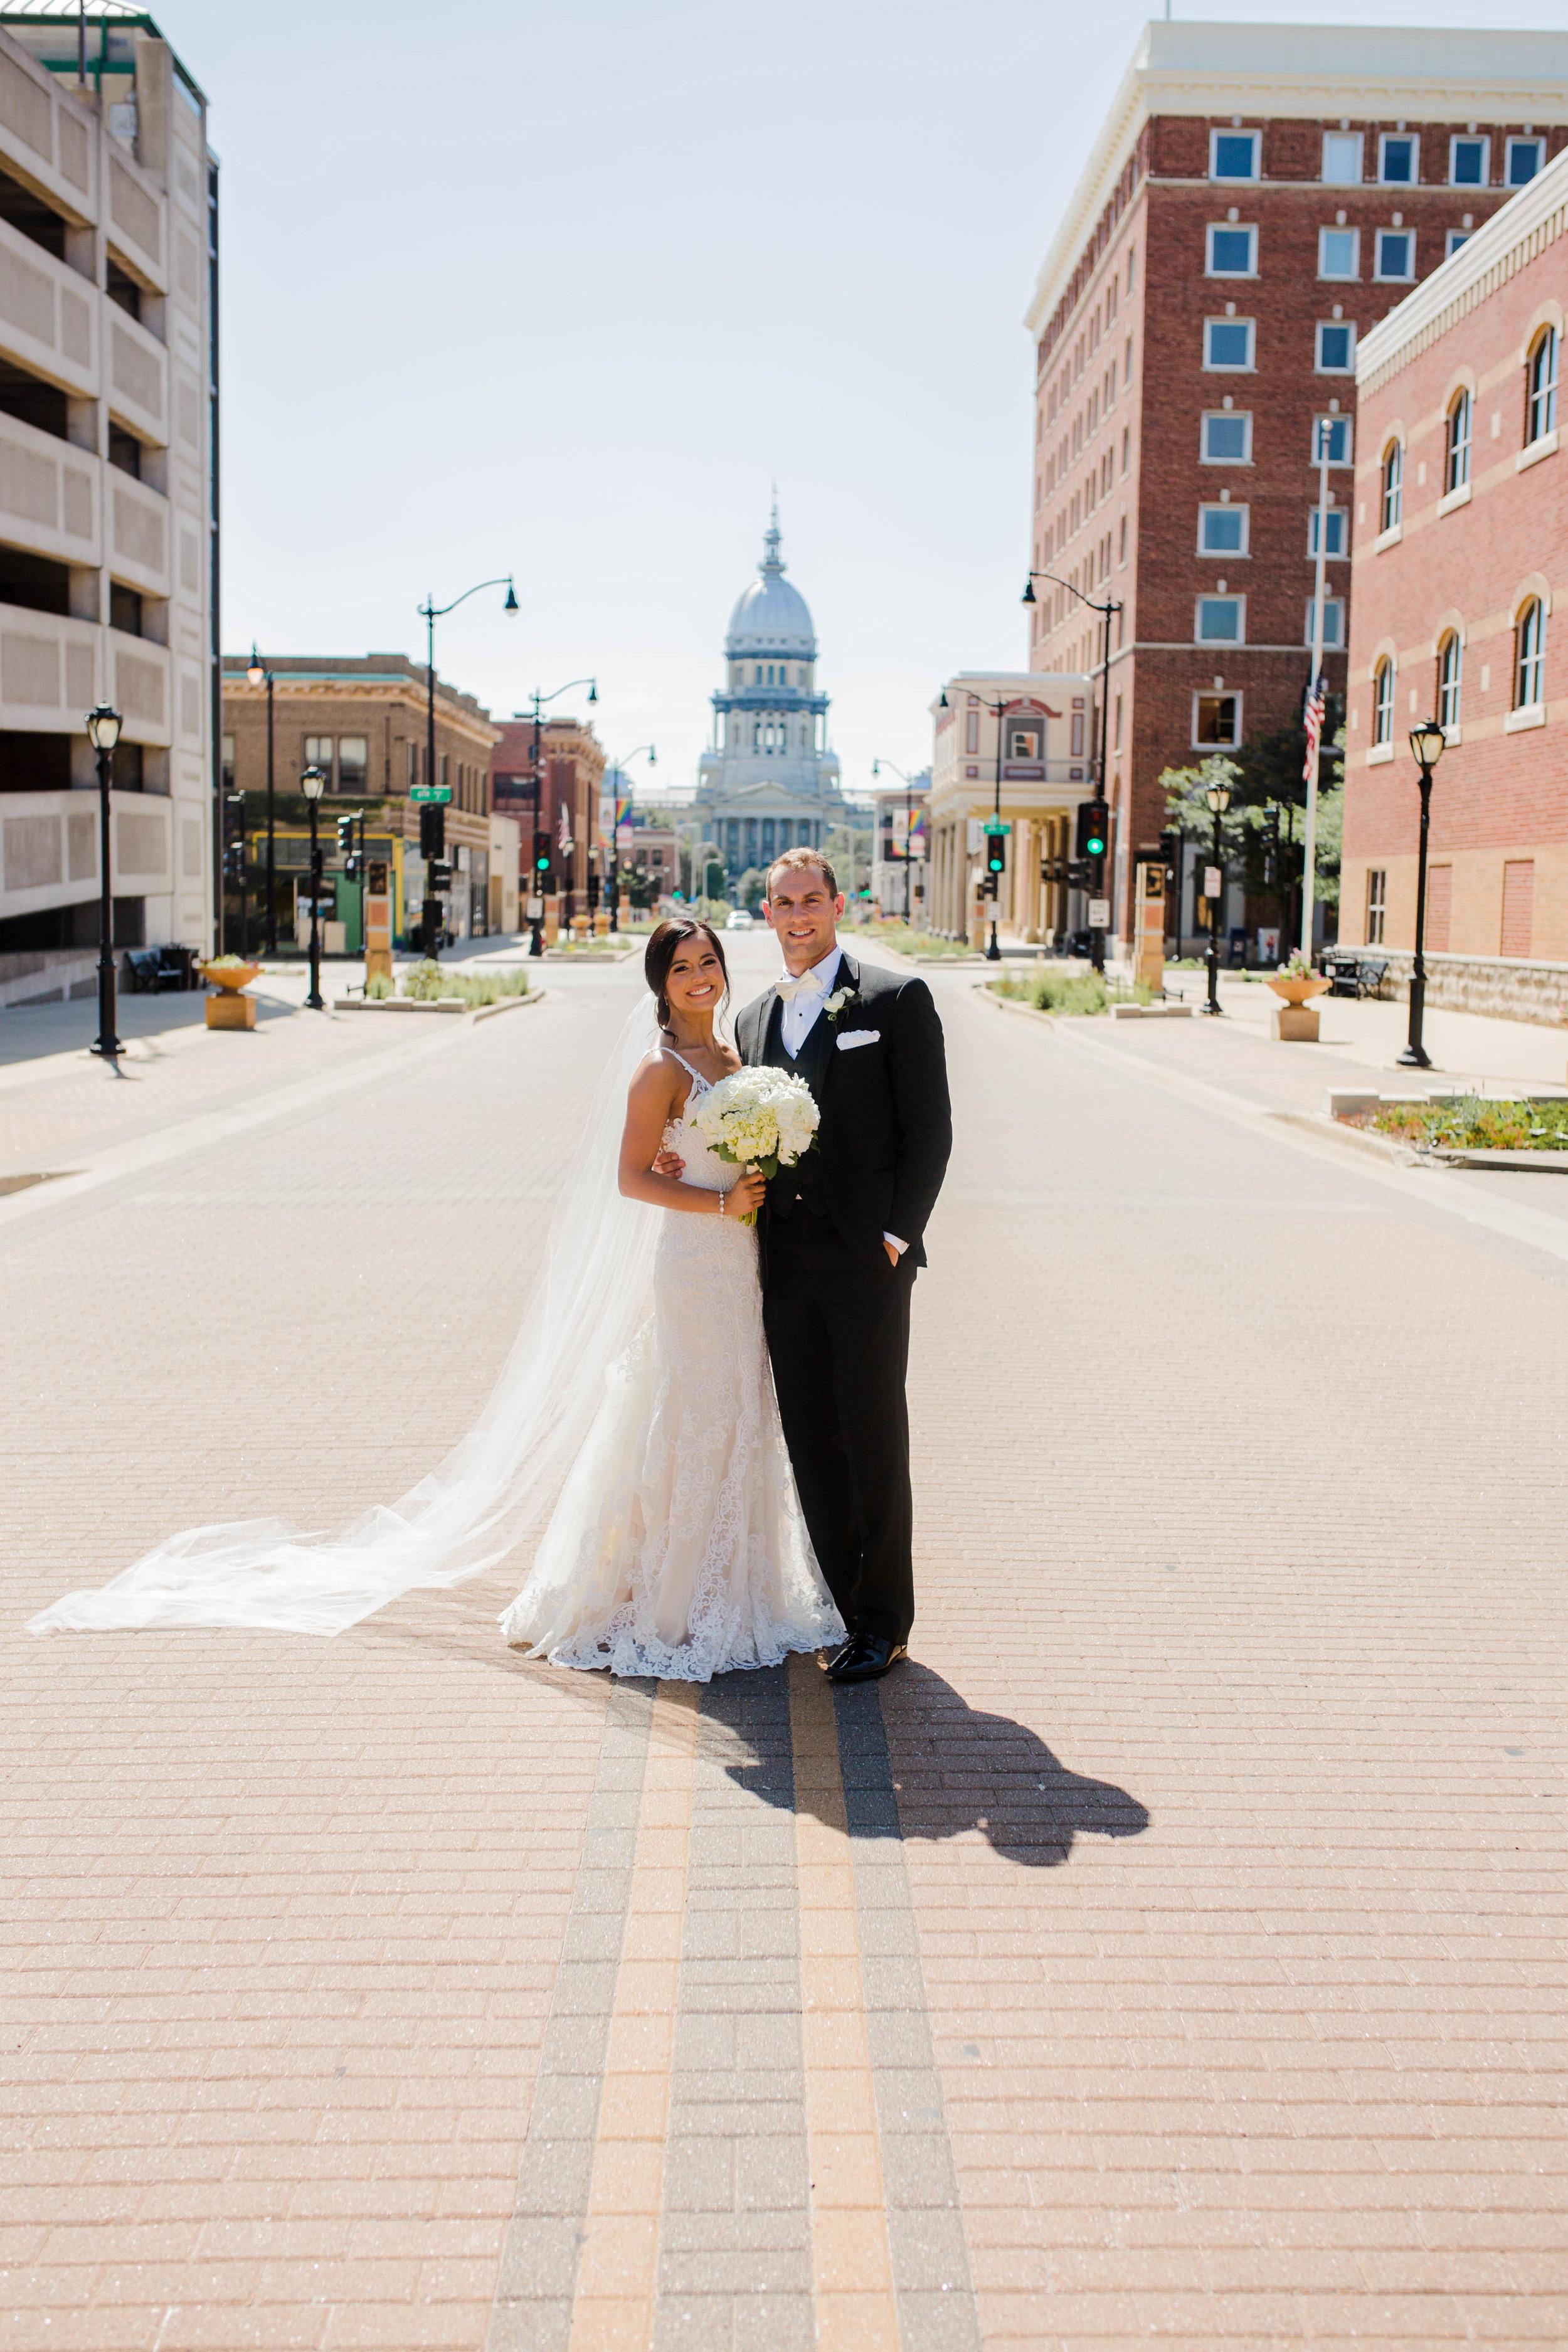 Mr. Springfield & his Bride.